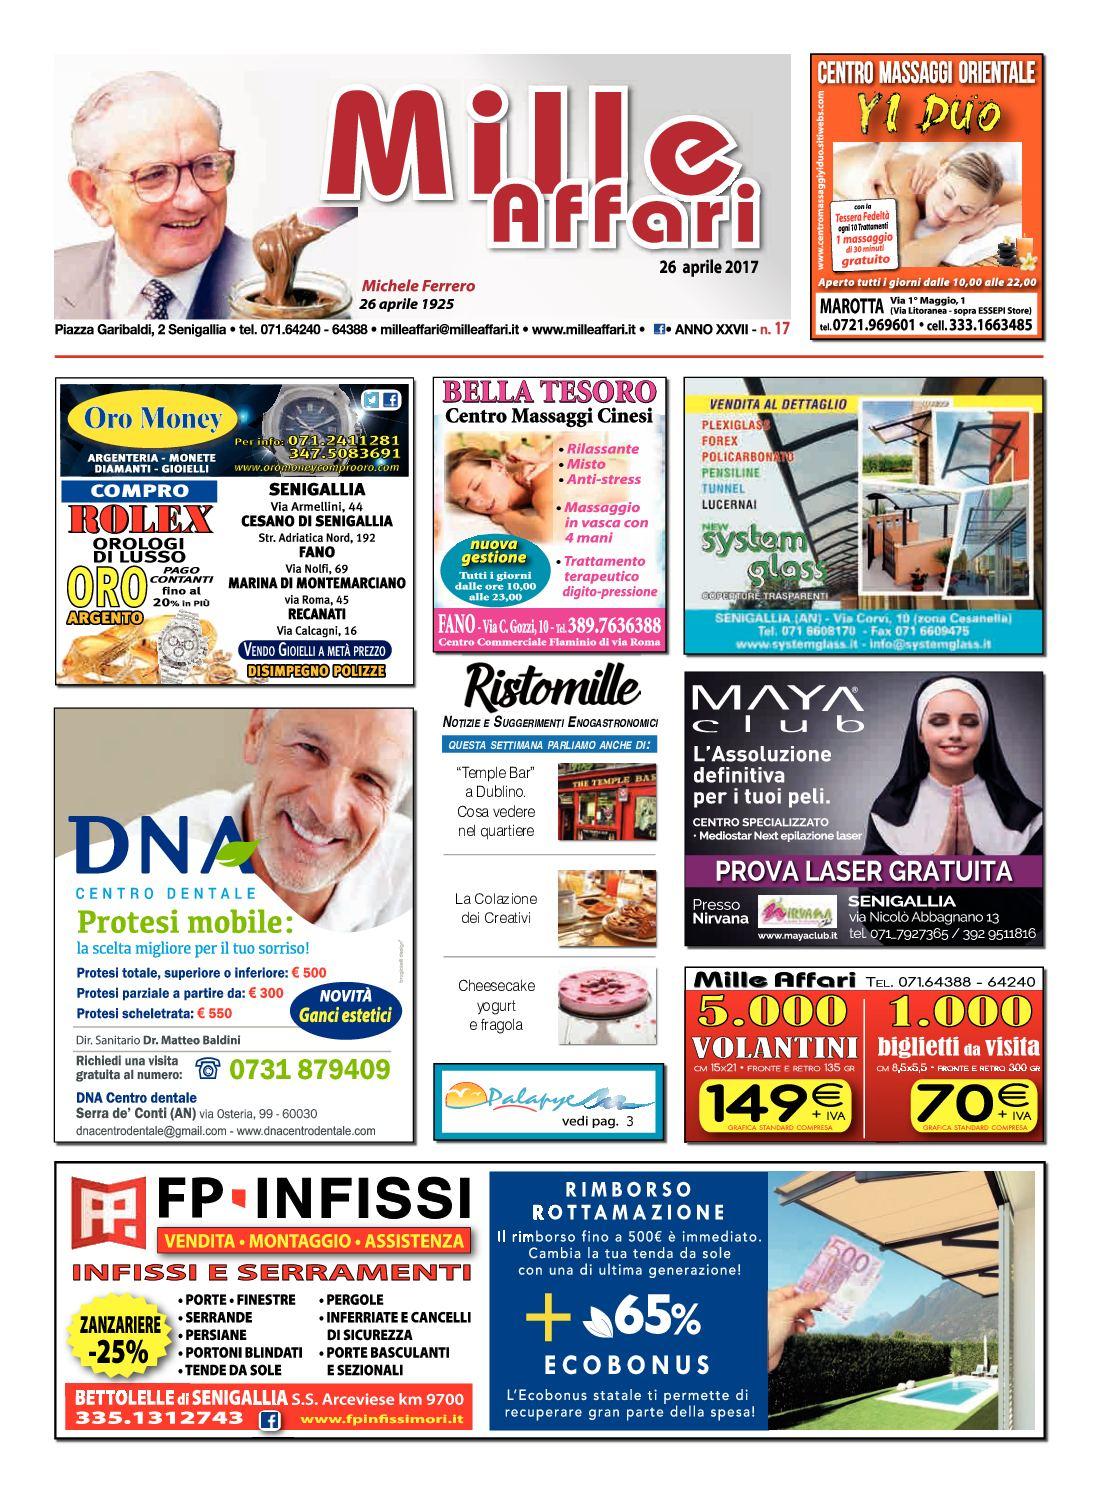 Calaméo - Milleaffari N°17 Del 26.04.17 0877f62e464